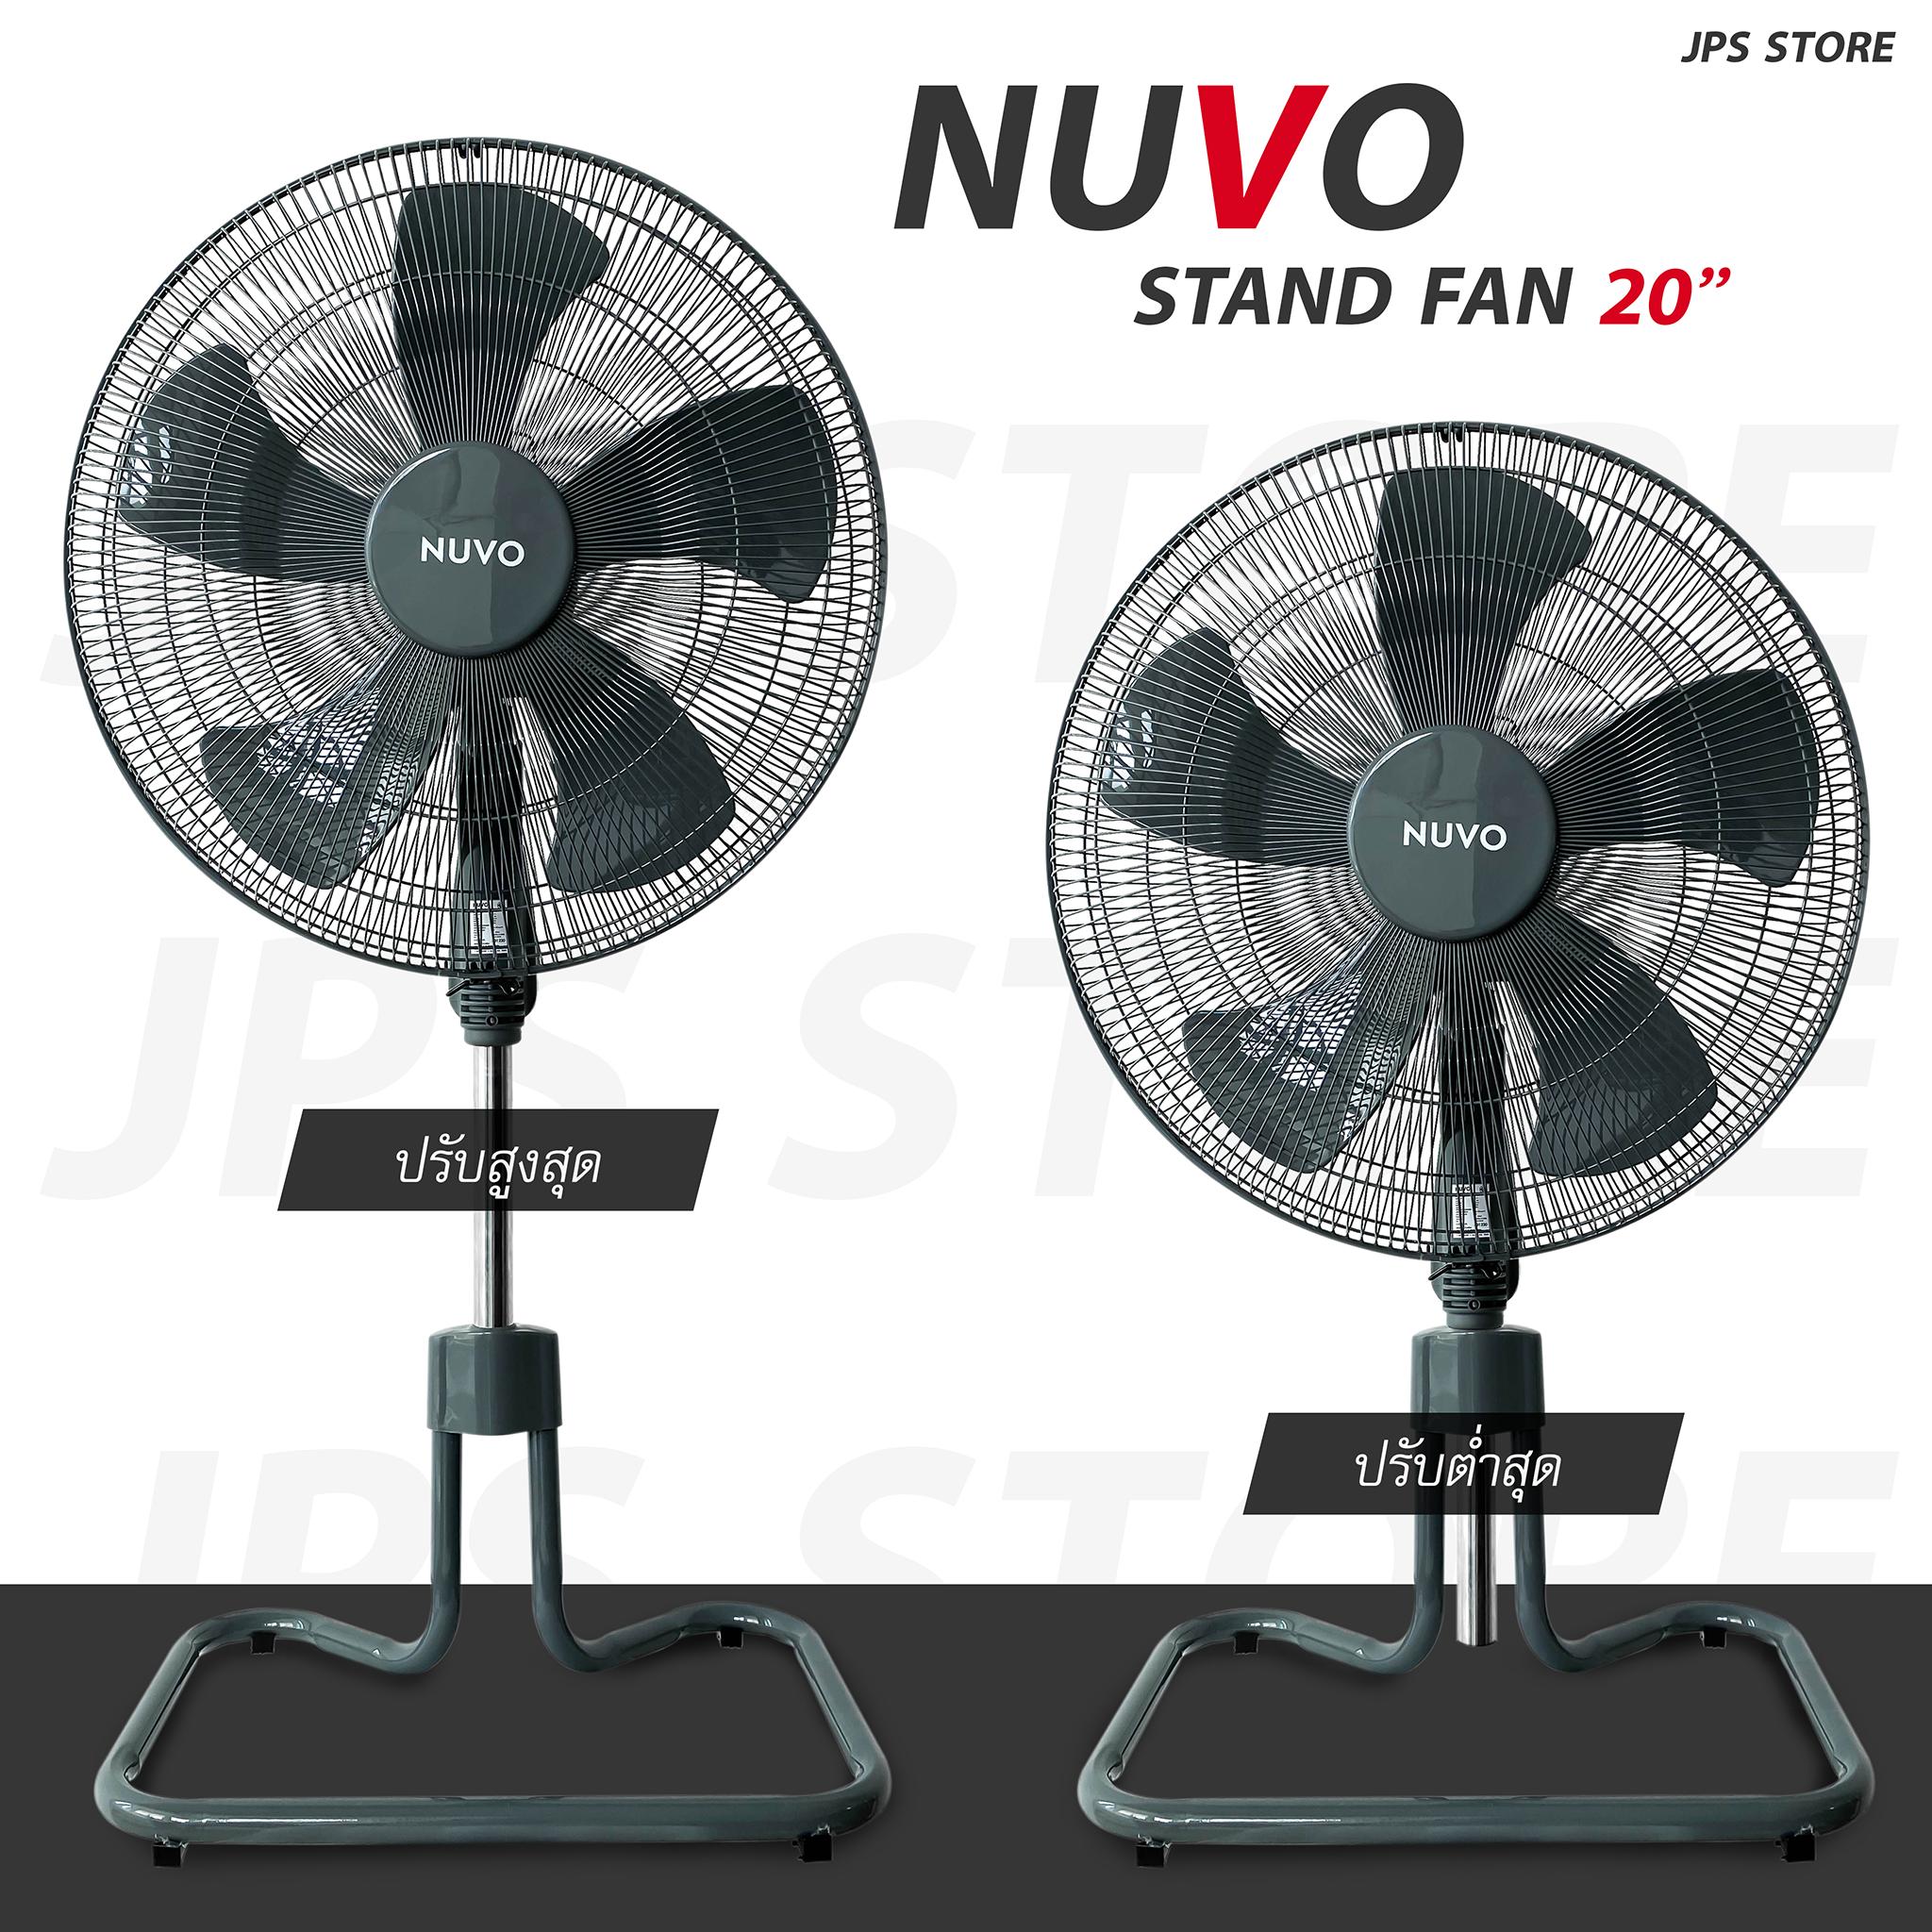 พัดลม 20 นิ้ว Nuvo Turbo Fan รับประกันมอเตอร์ 3 ปีเต็ม.